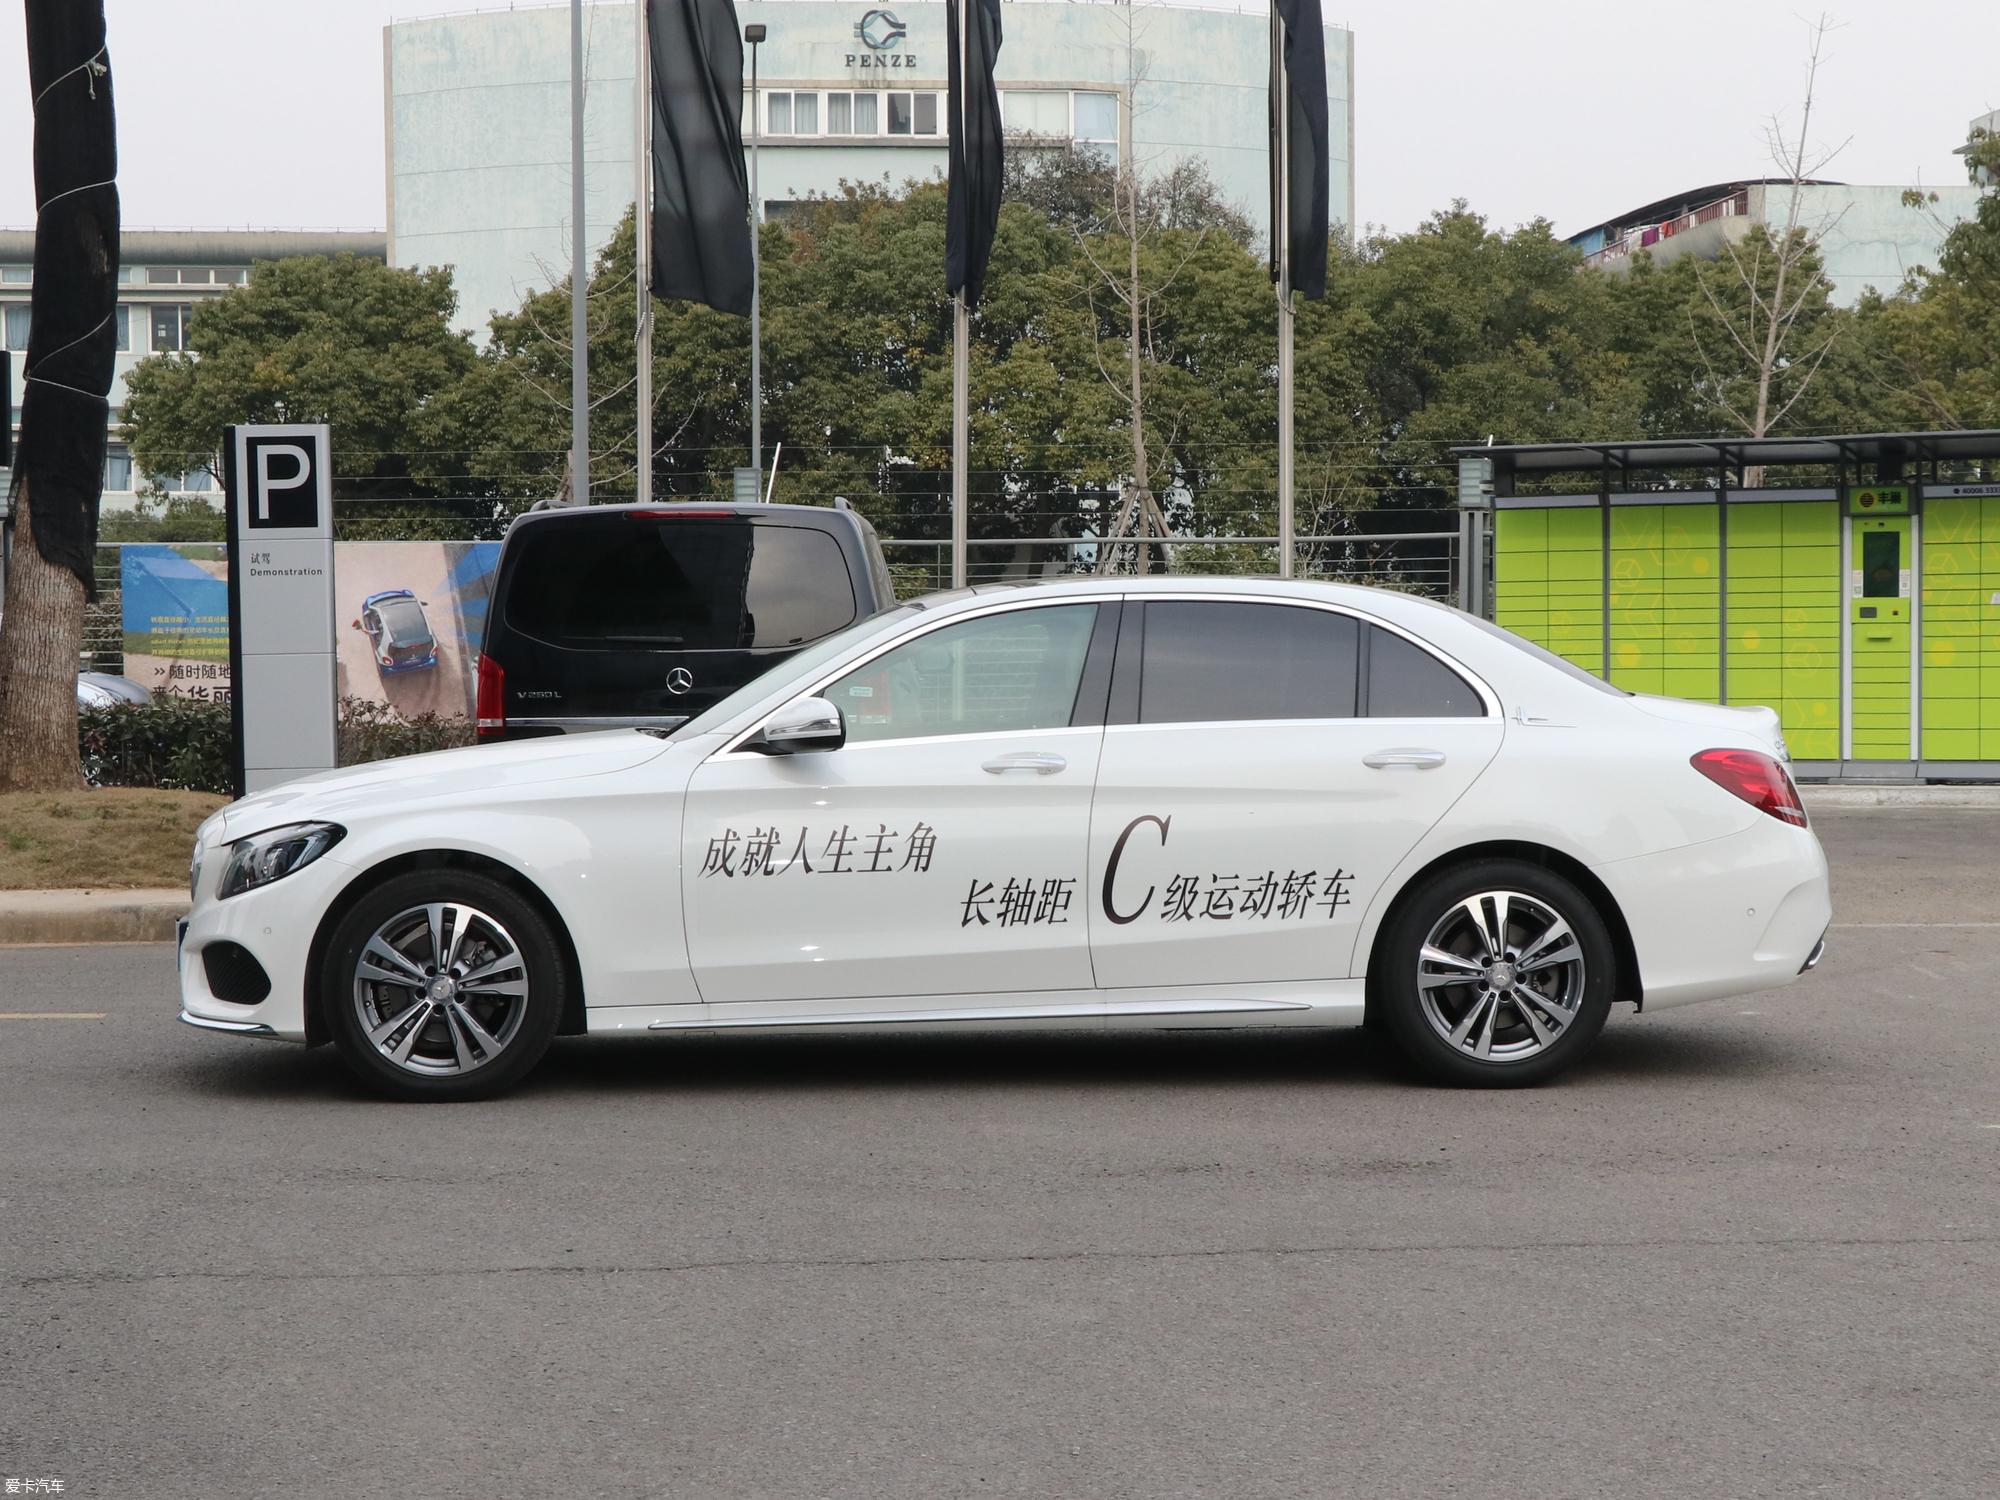 爱卡首页 汽车图片 奔驰 奔驰c级 2018款c 200 l  2019款奔驰c级 c图片